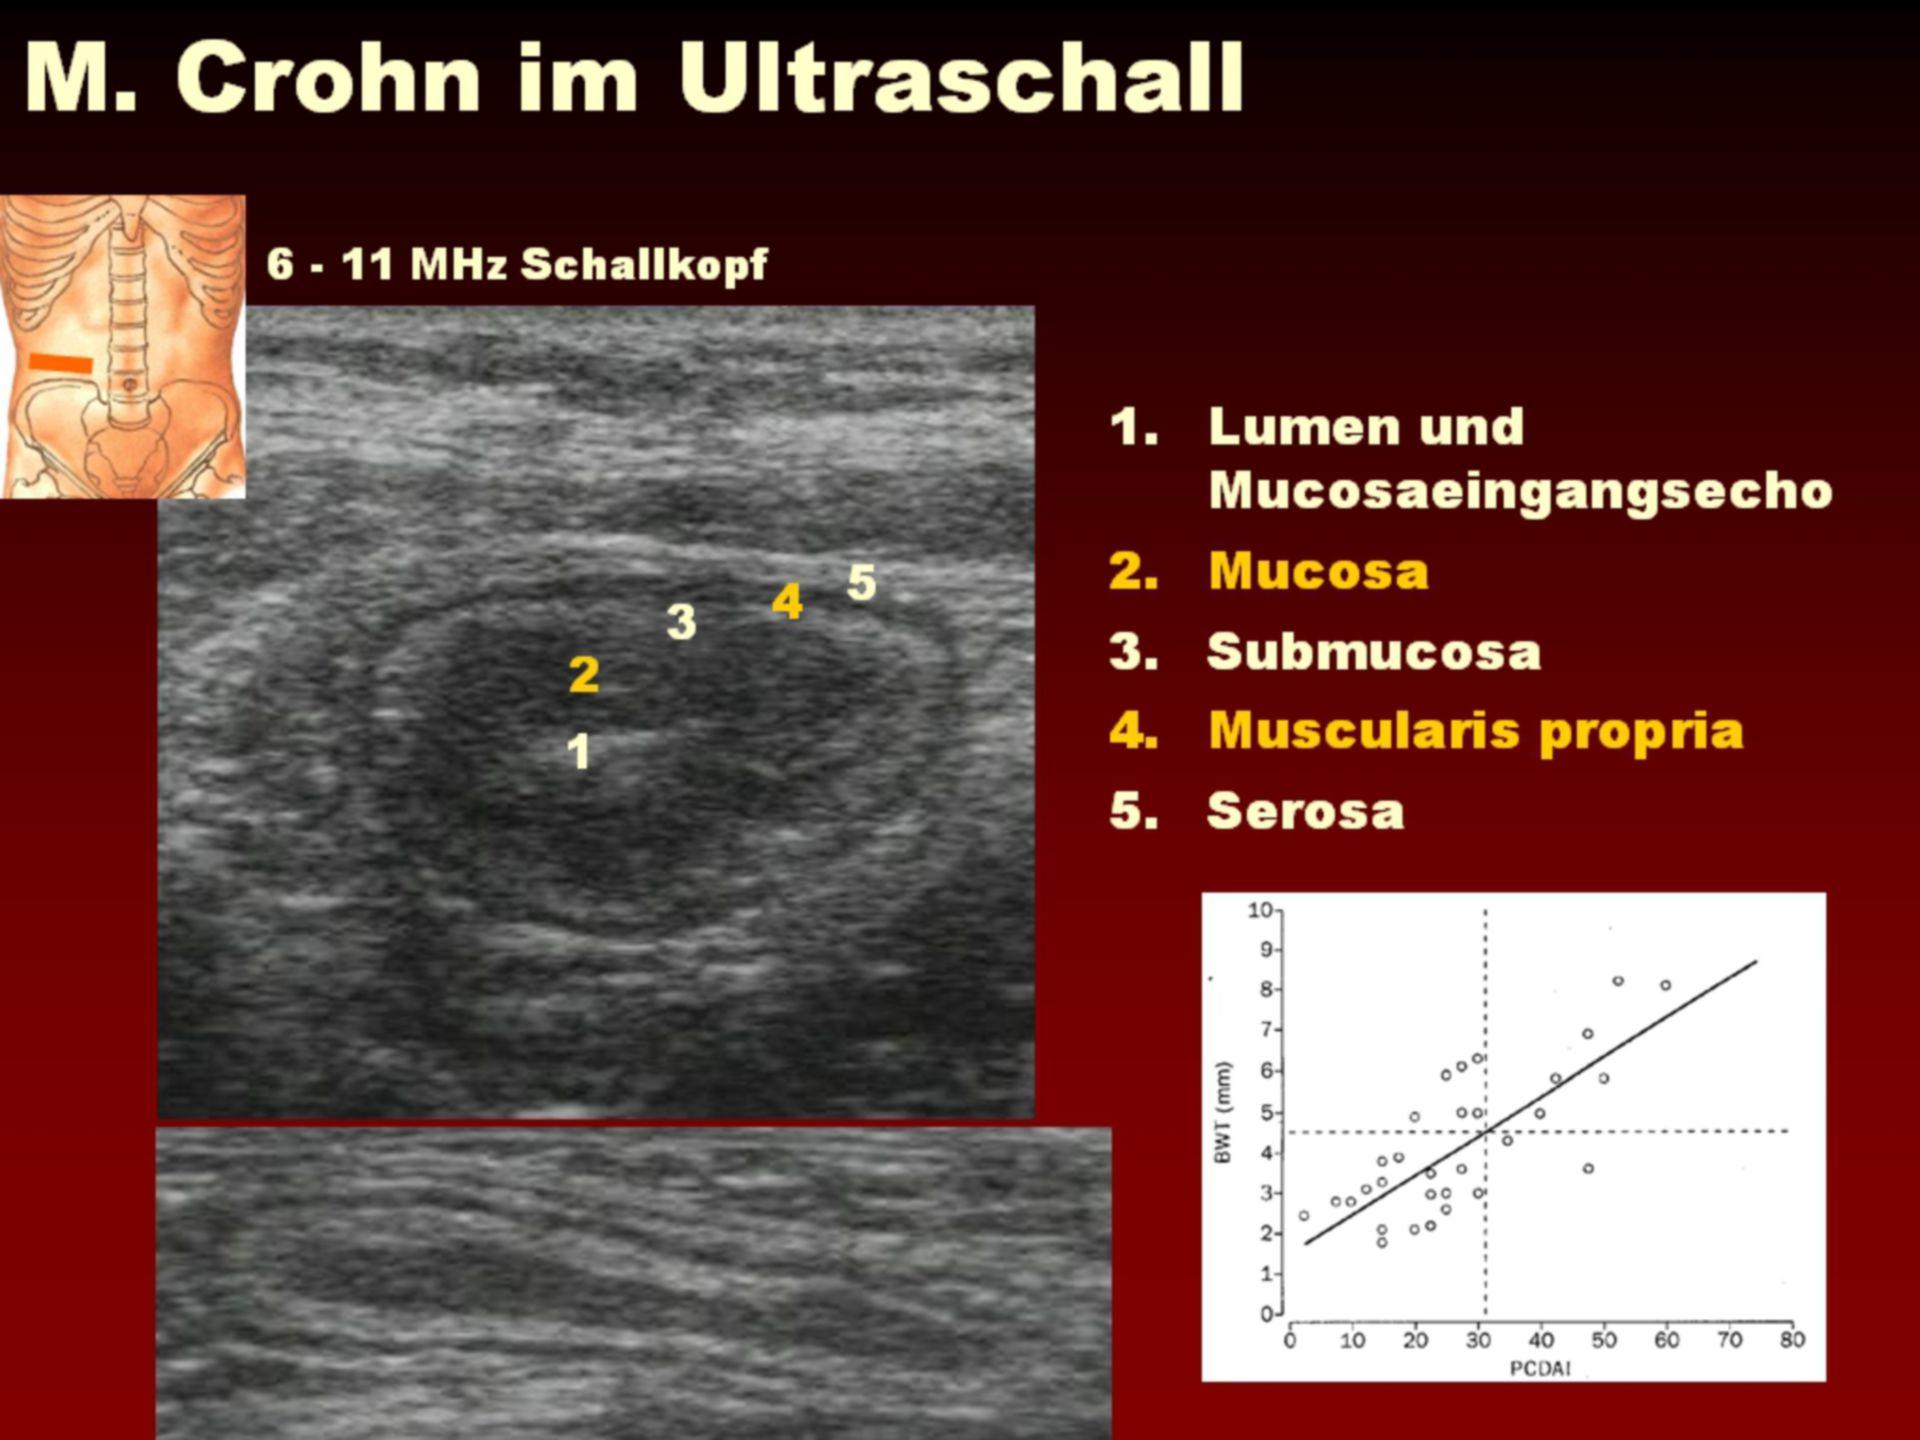 Crohn´s Disease in the Ultrasound